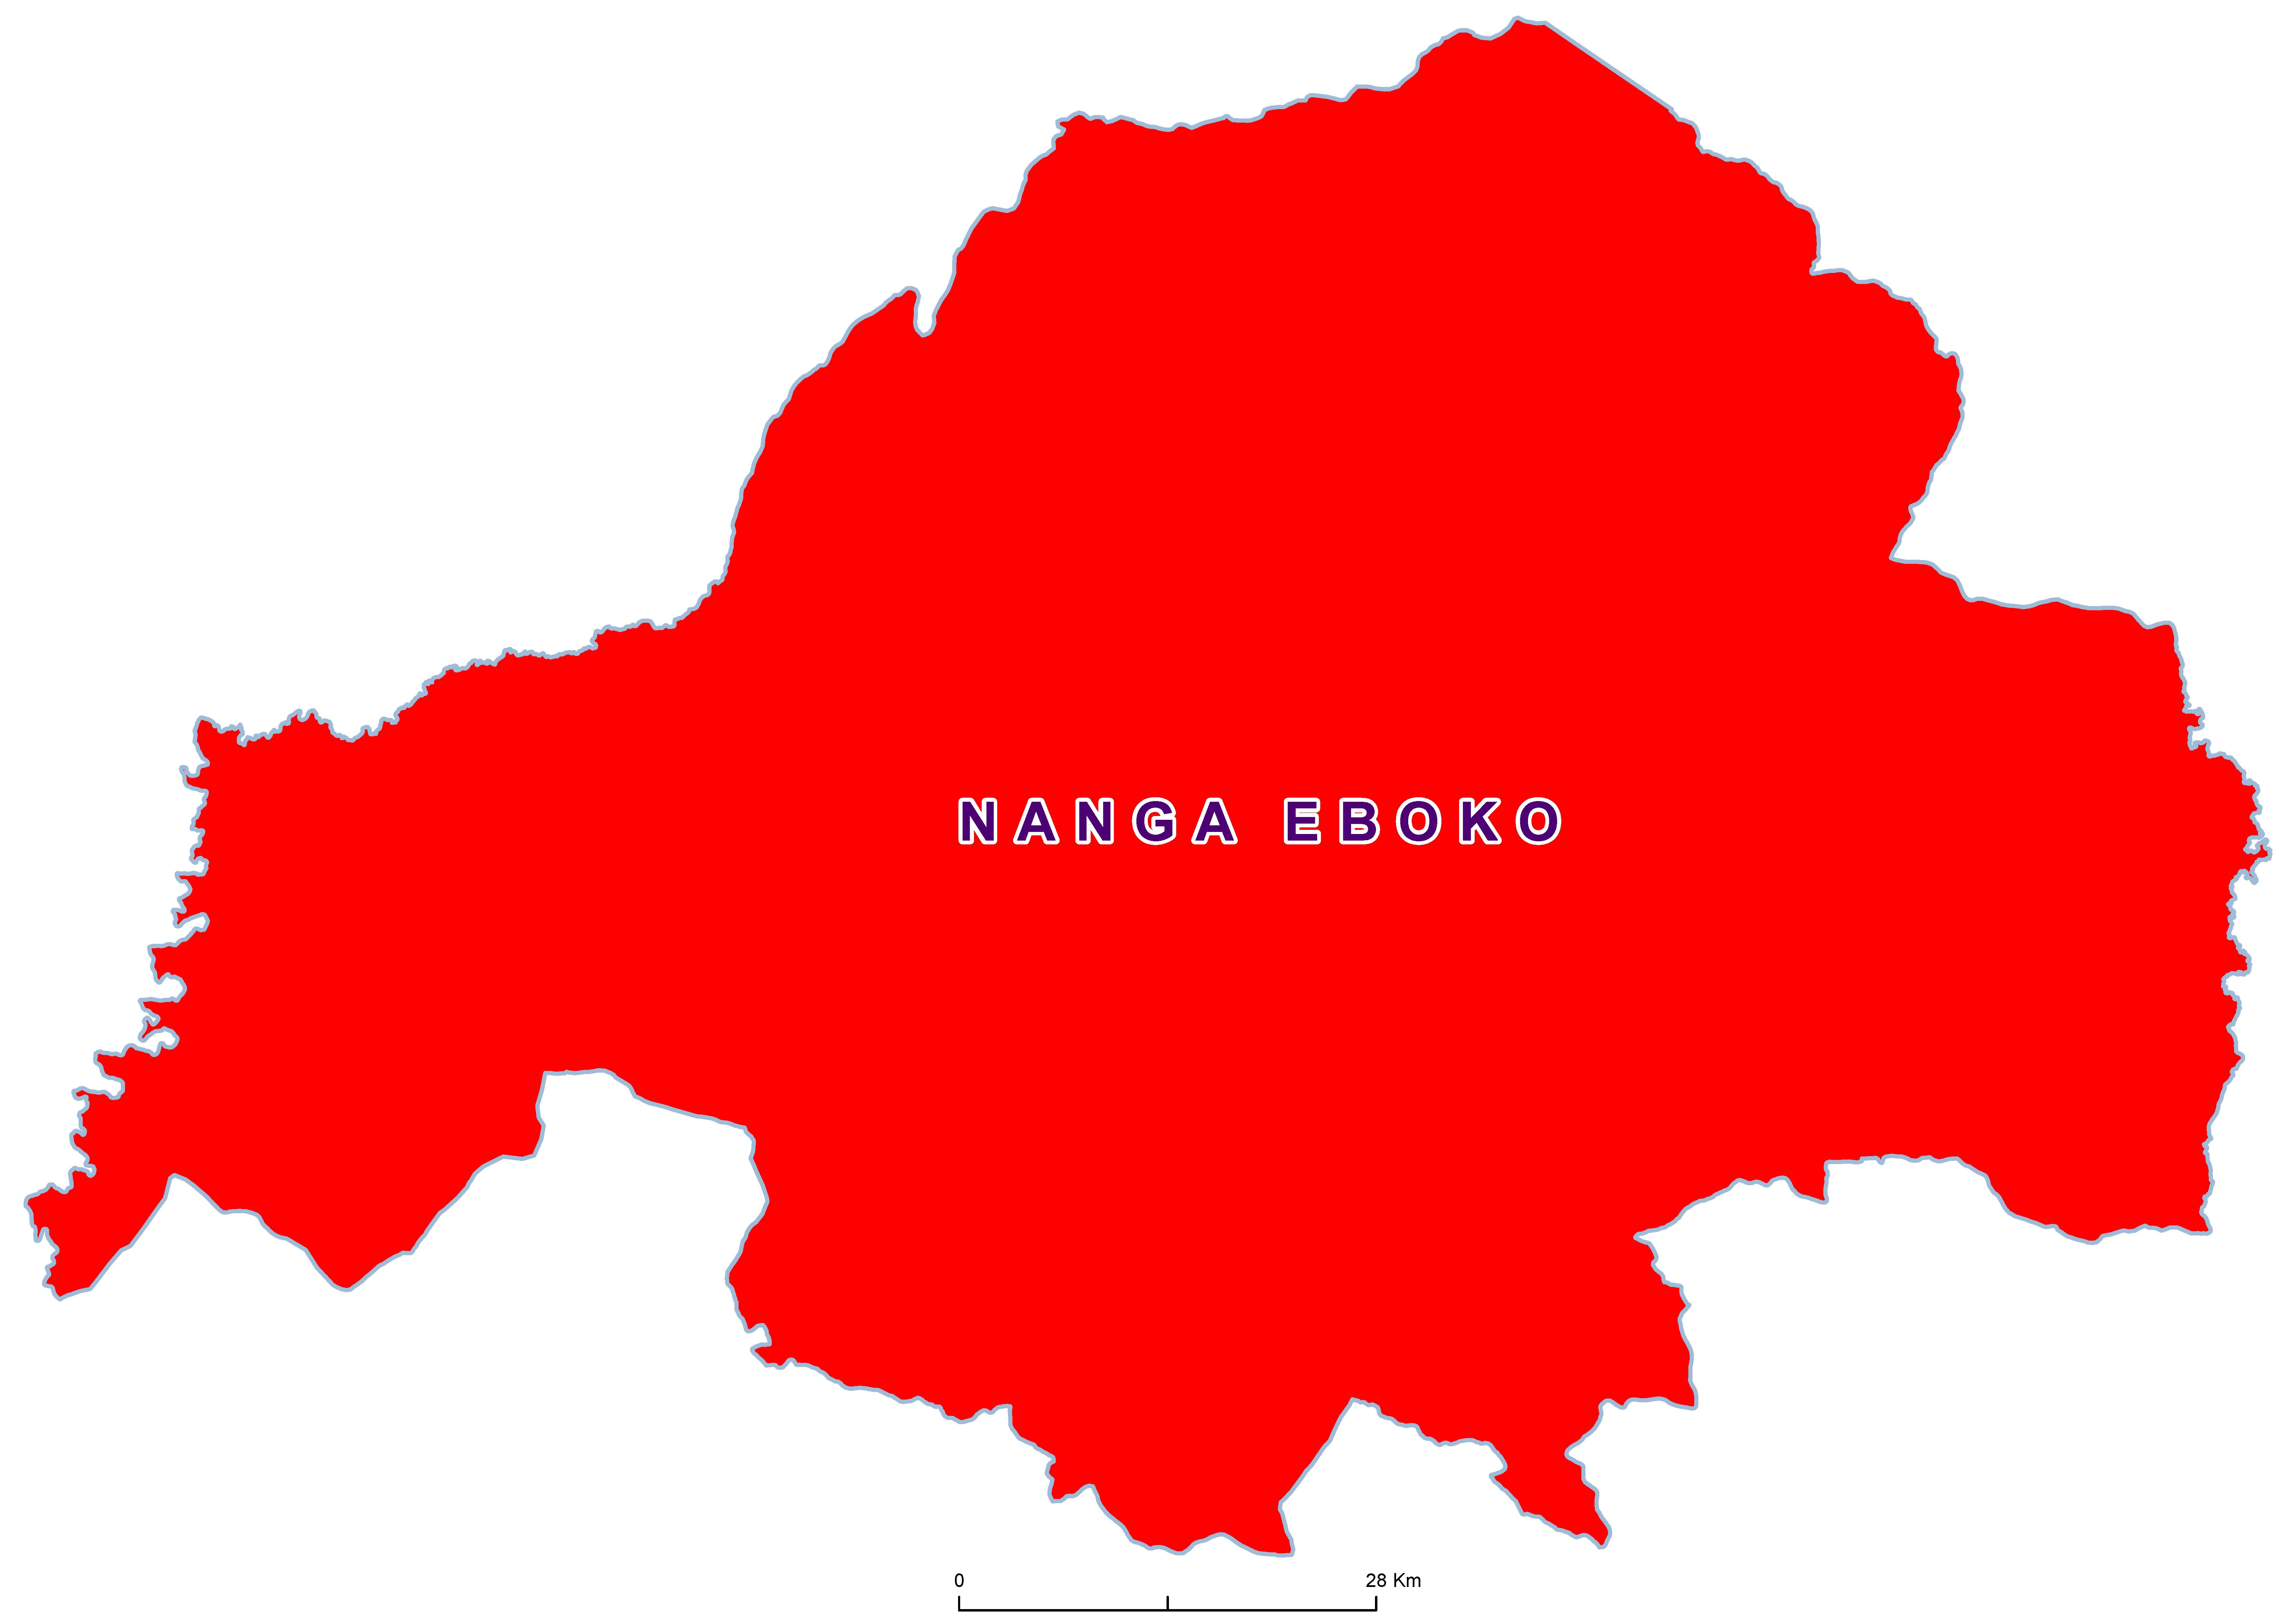 Nanga eboko Mean STH 20100001